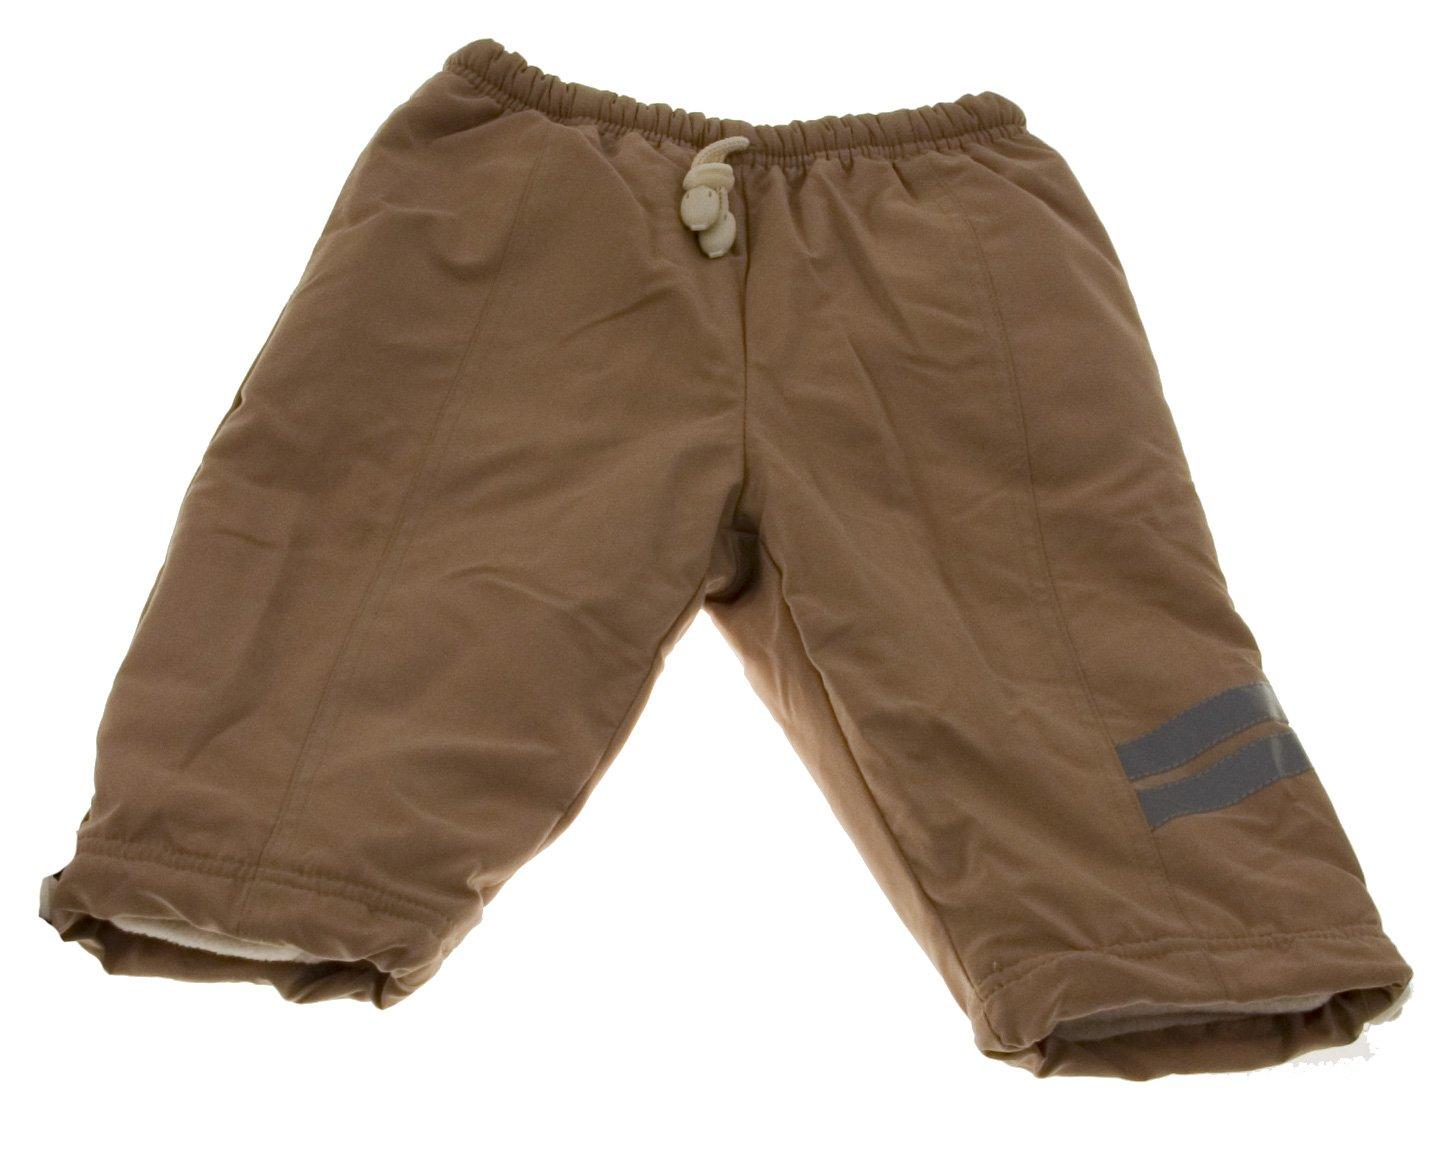 Oteplen� kalhoty Mojm�r s reflexn�m prou�kem -V�PRODEJ